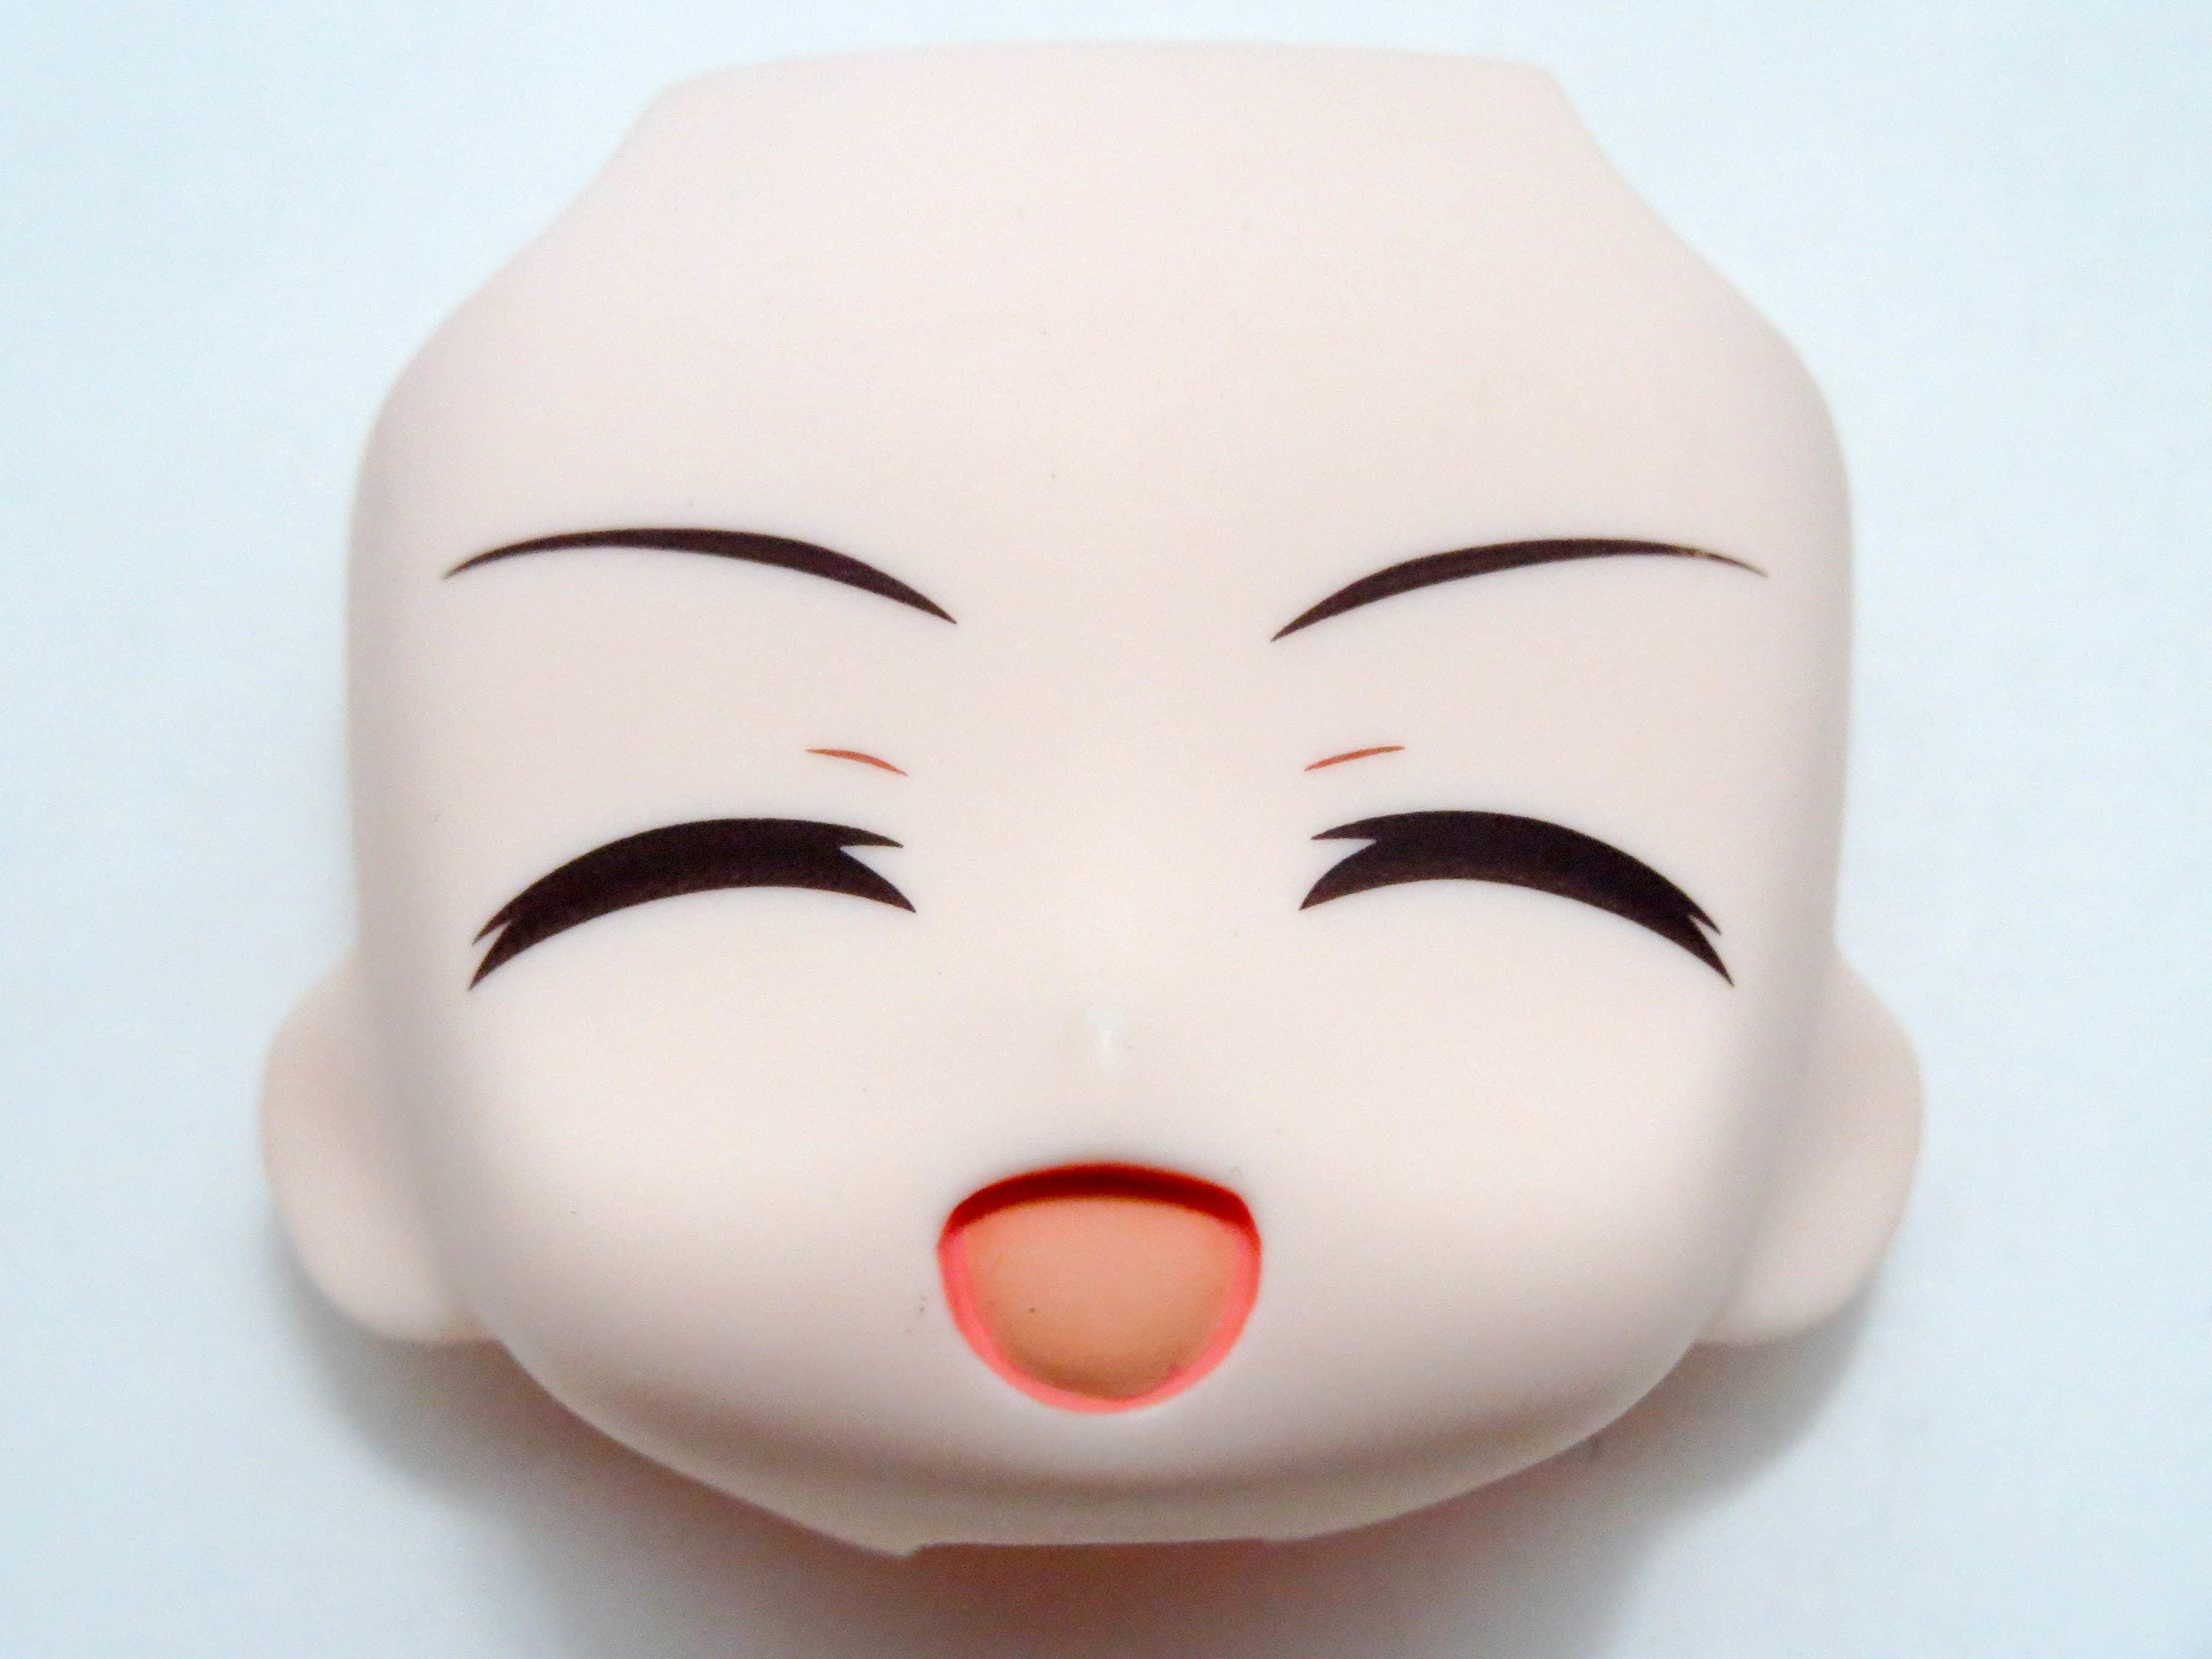 【SALE】【687】 坂本美緒 顔パーツ 笑顔 ねんどろいど